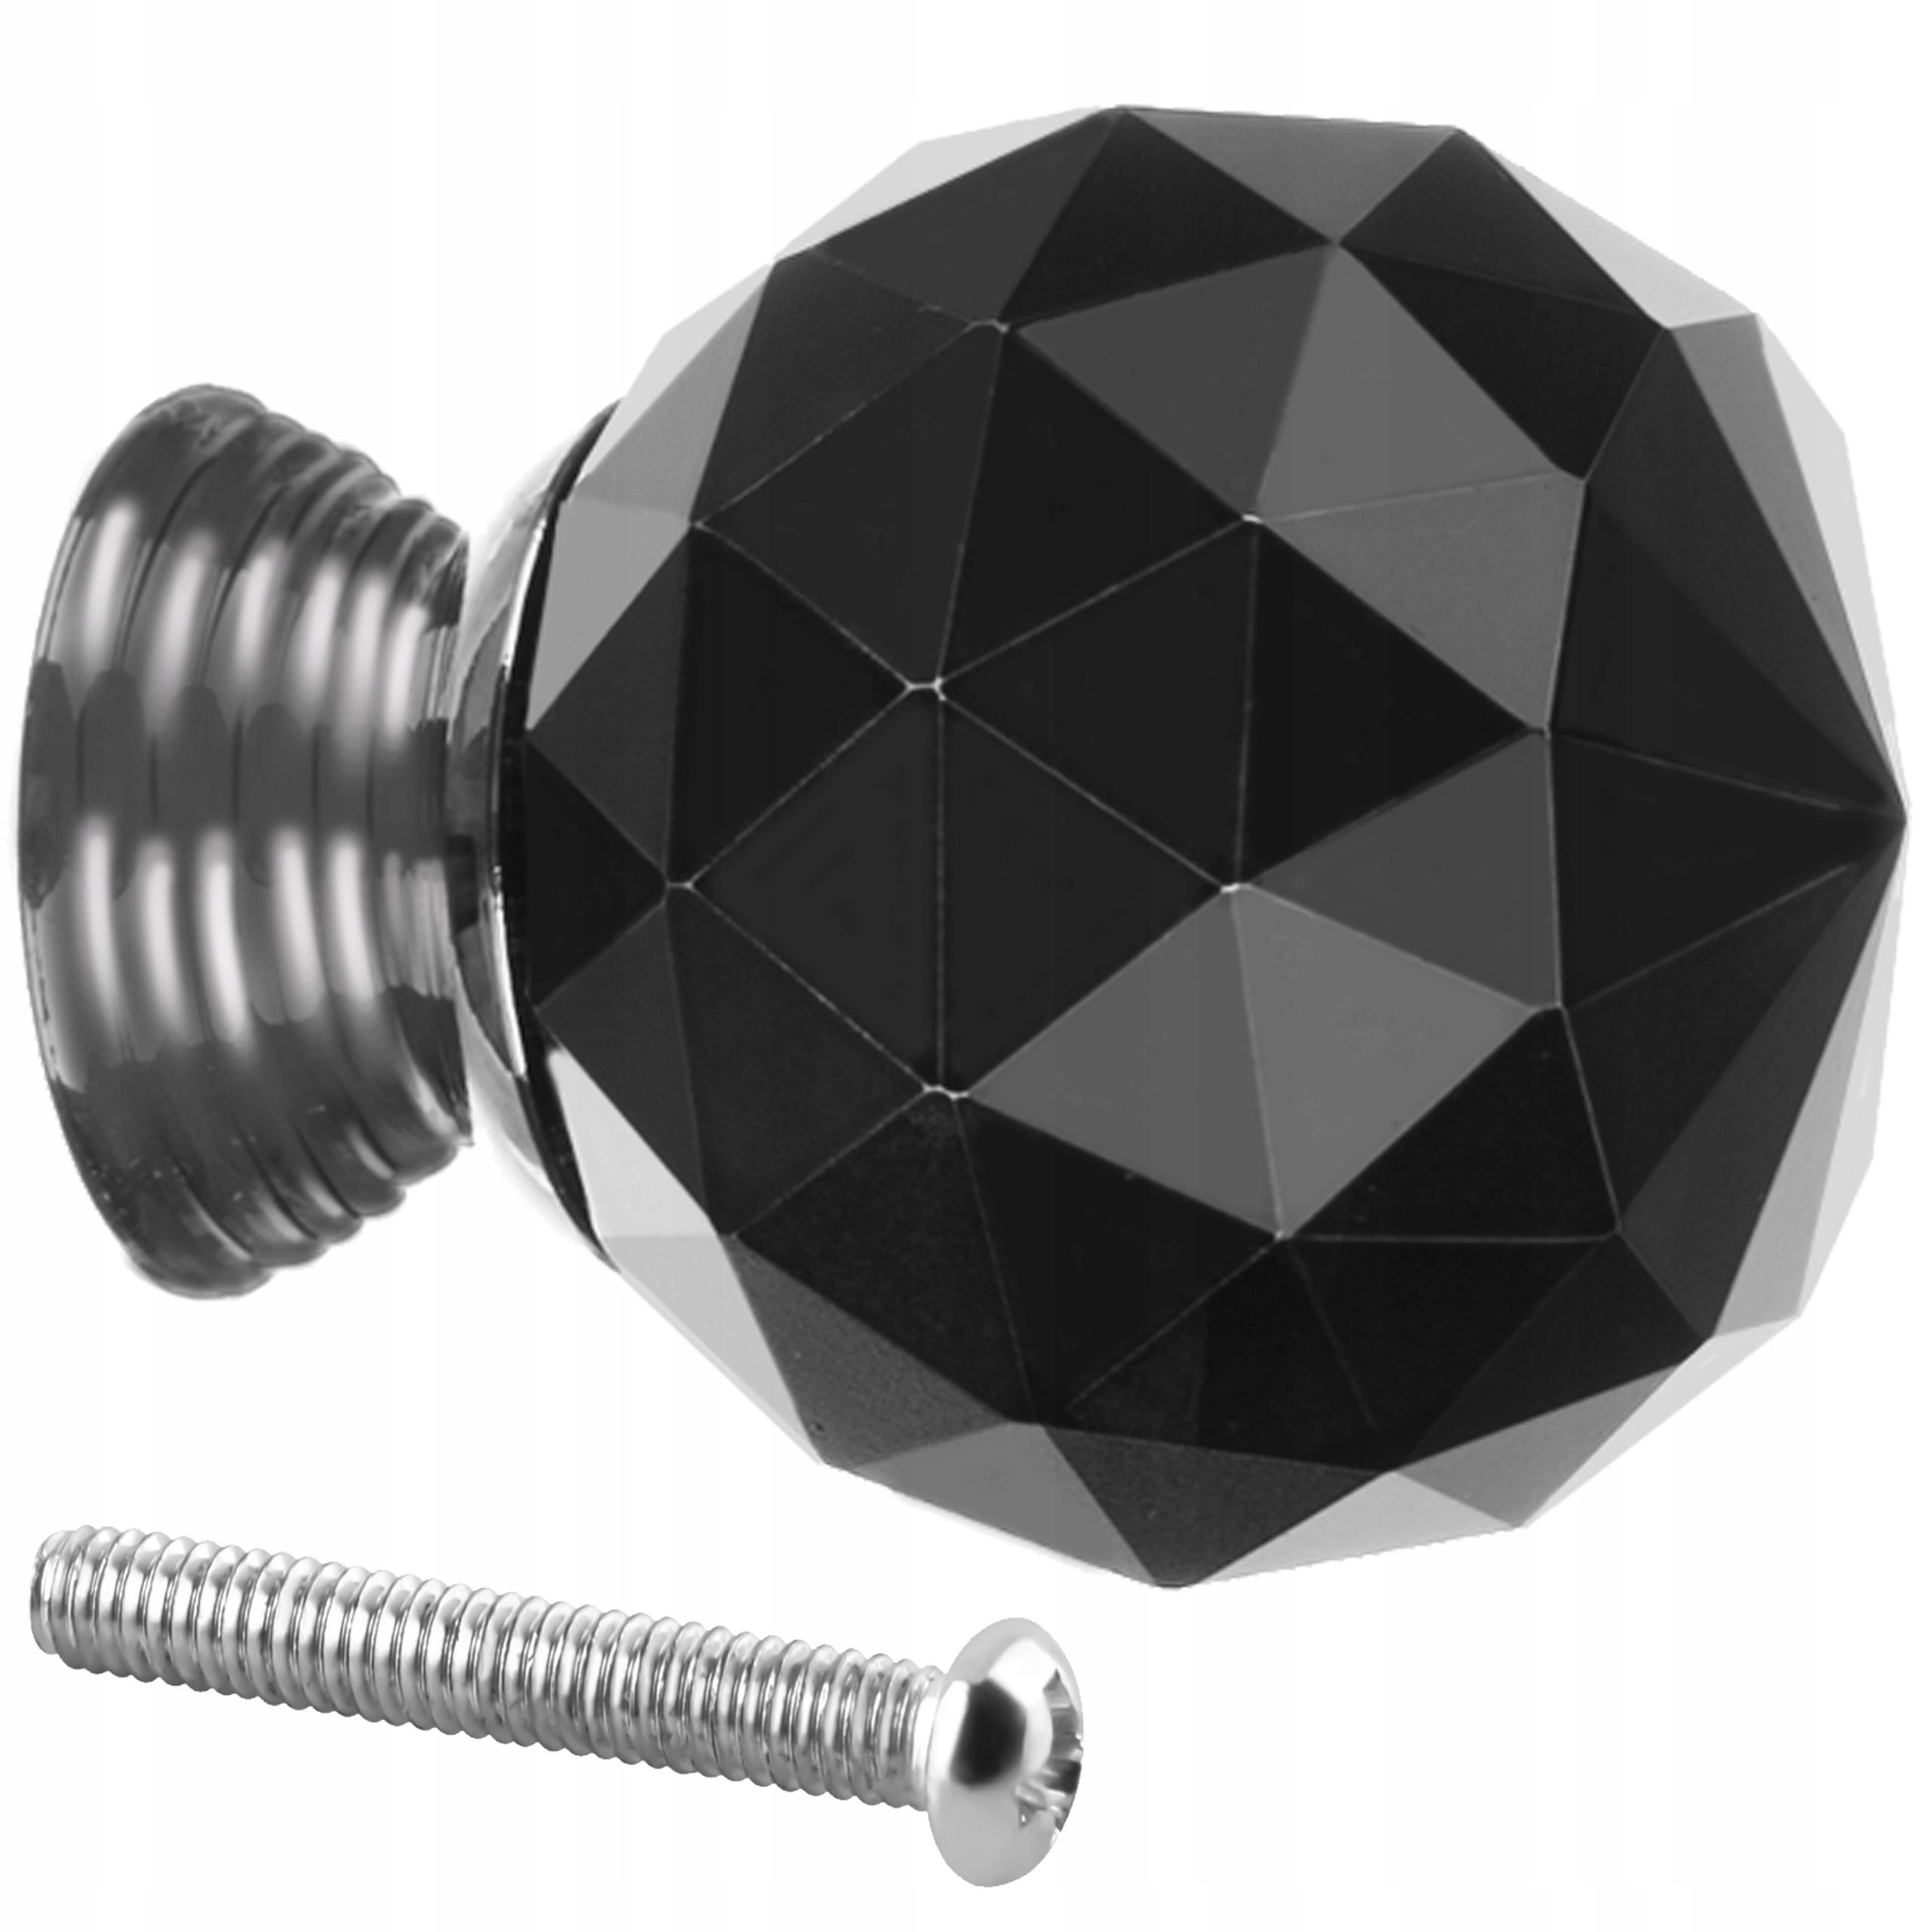 Ручка мебельная Crystal Crystal 30 мм XL